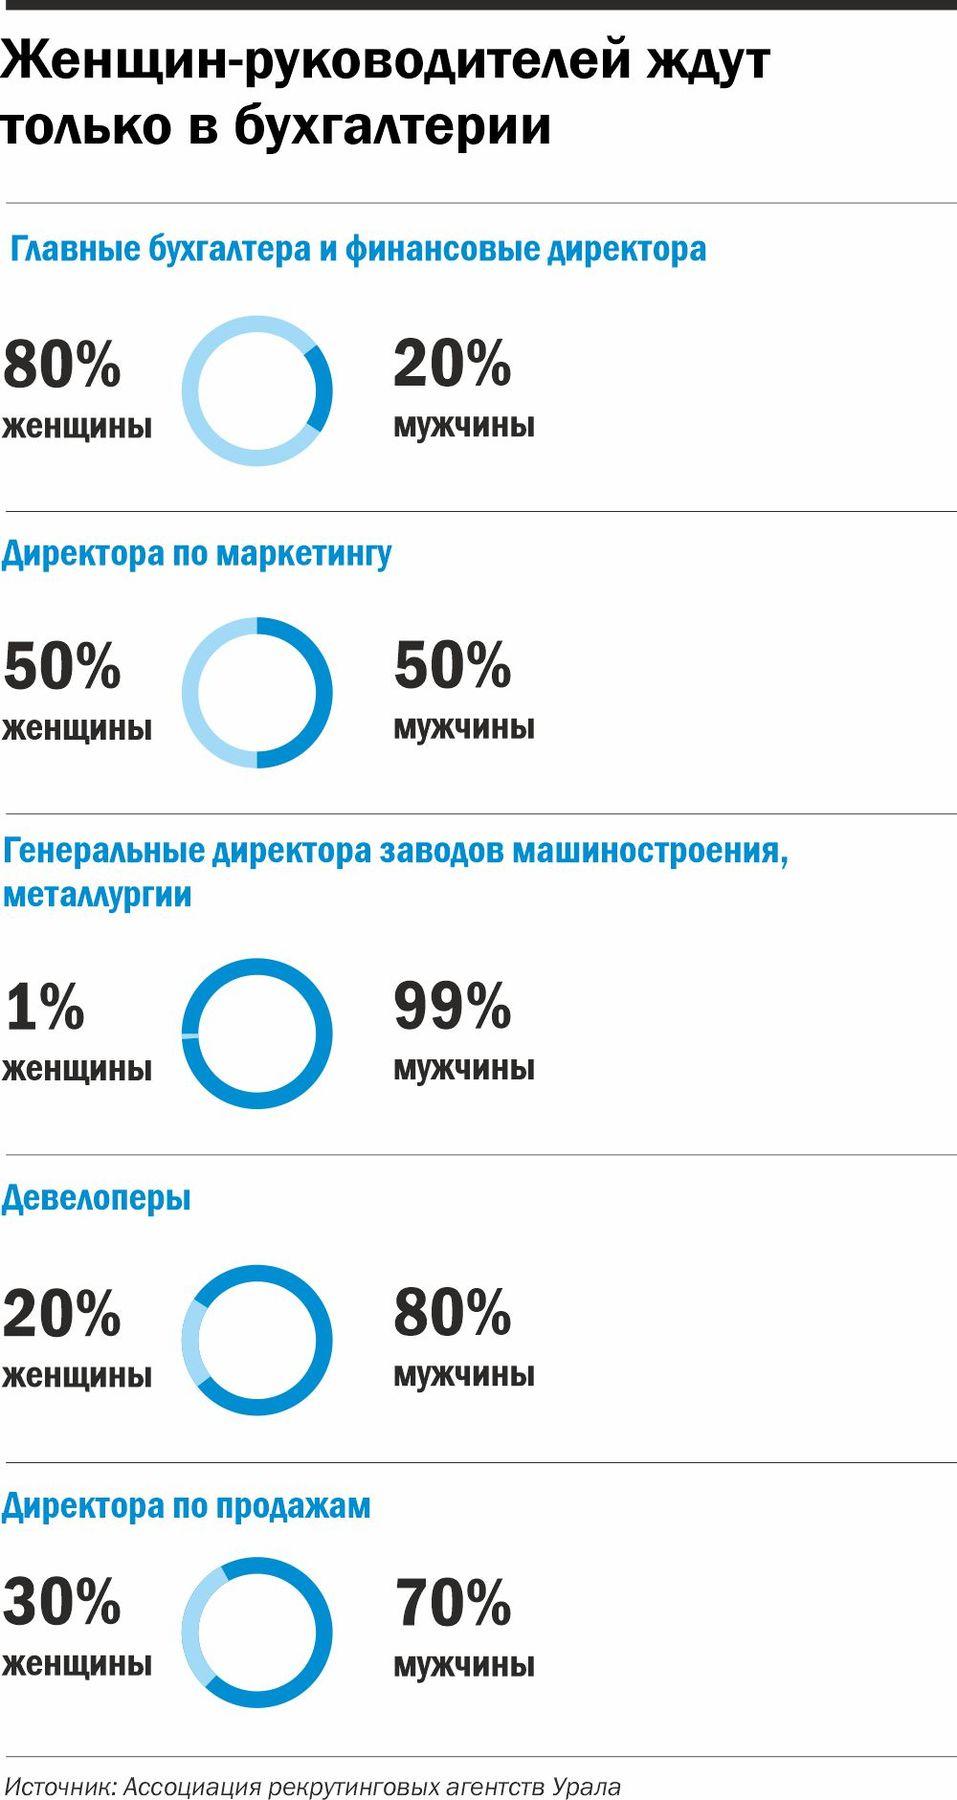 Инфографика: Руководители женщины/мужчины — в каких сферах